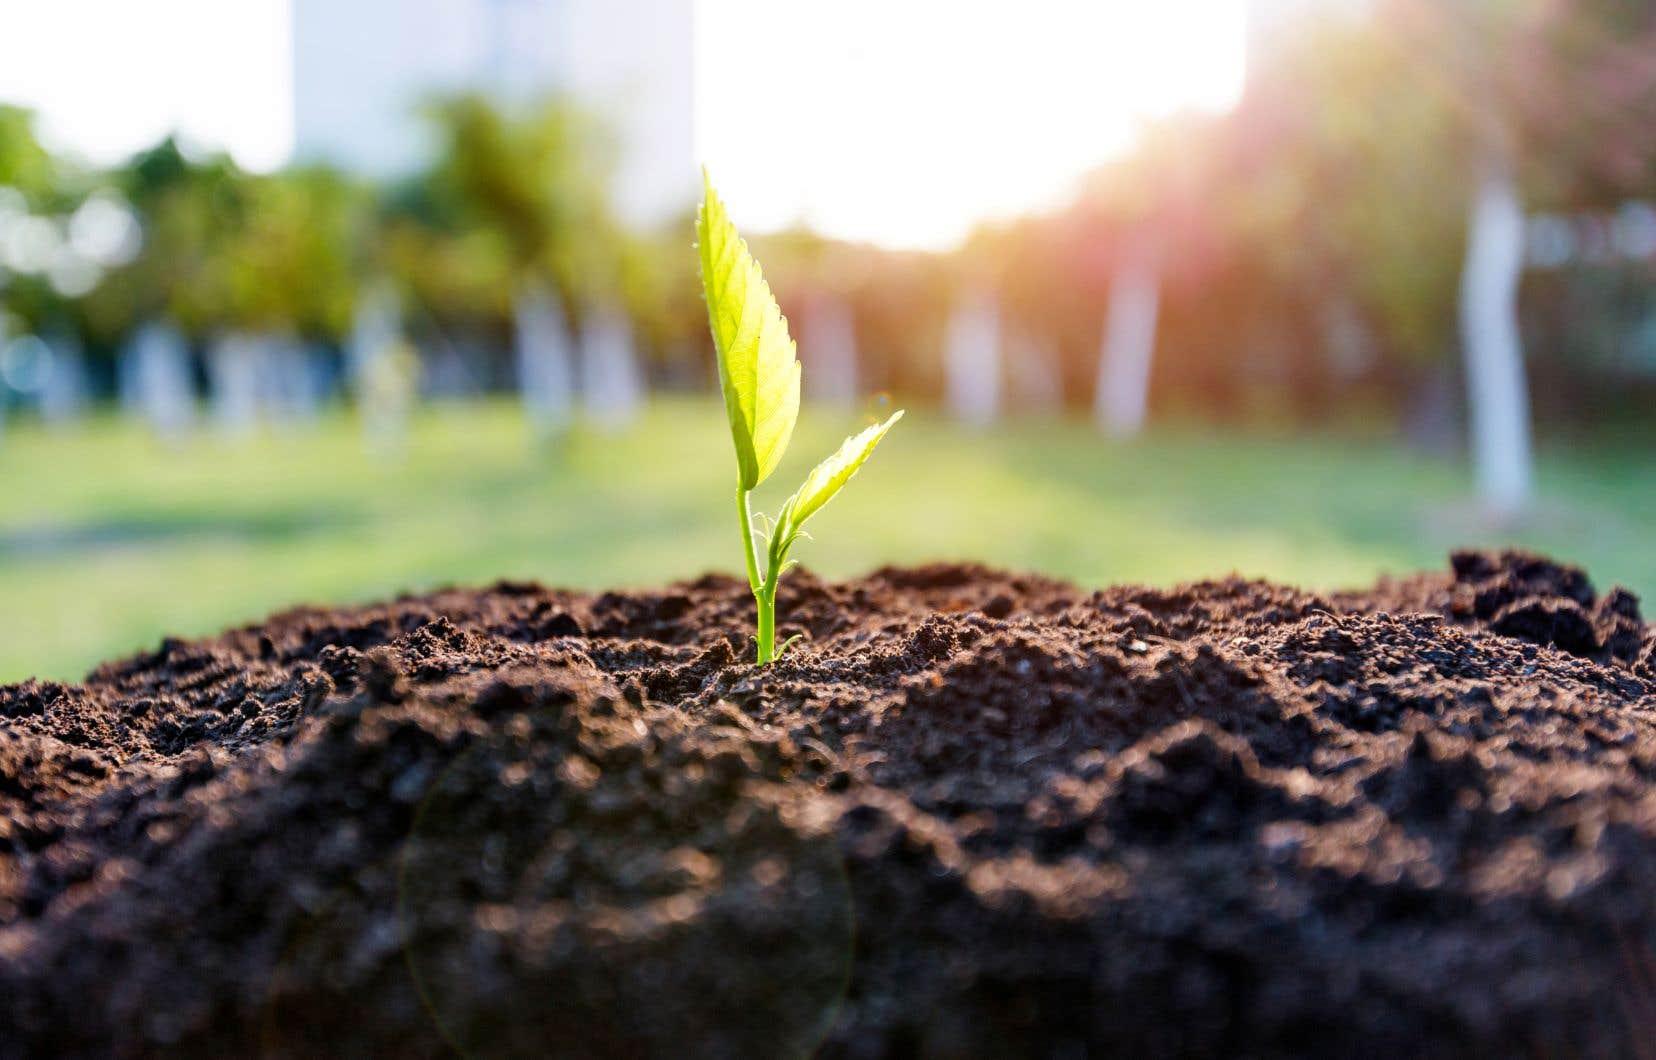 «Au quotidien, transformer positivement l'économie, ça se fait un investissement à la fois, en choisissant de financer et d'accompagner les entreprises qui avancent dans cette direction», estime l'autrice.